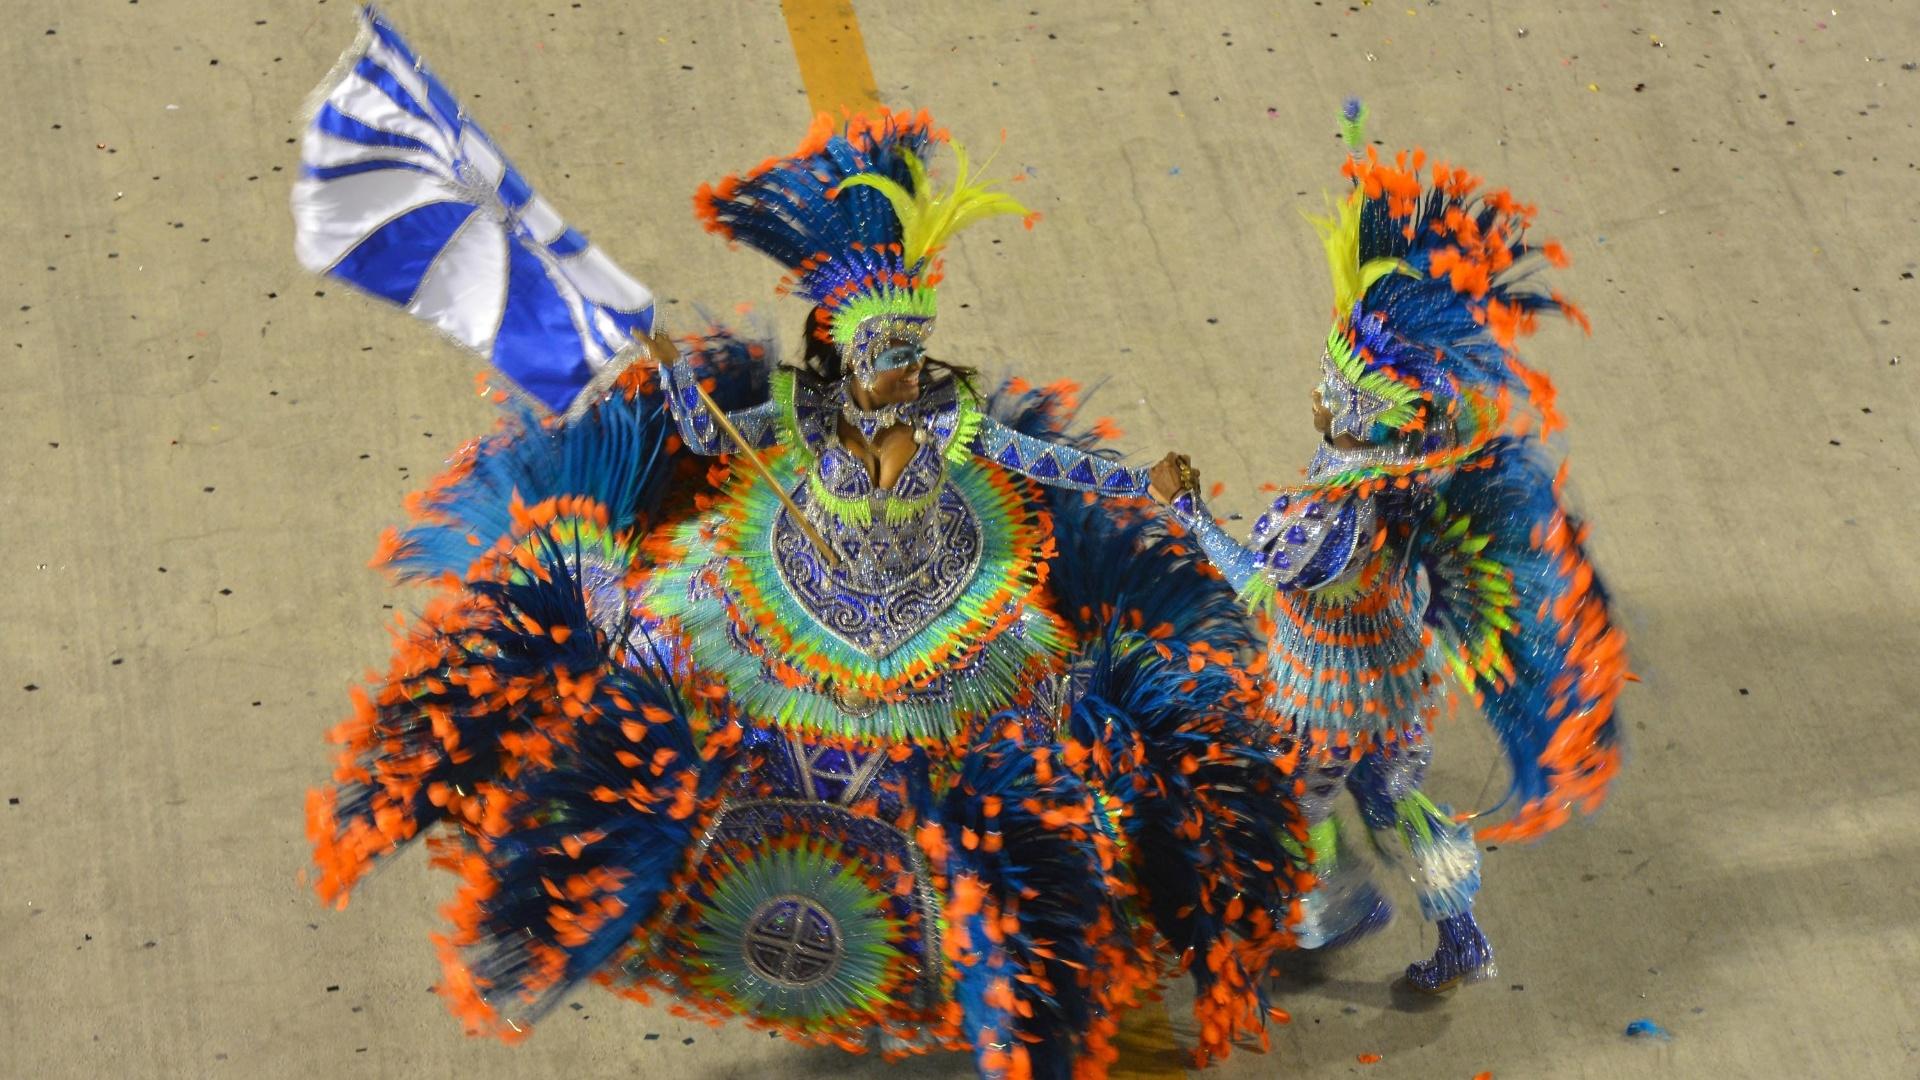 11.fev.2013 - Meste-sala e porta-bandeira da Portela dançam ao som do samba-enredo dedicado aos 400 anos a Madureira, bairro no subúrbio que abriga a quadra da agremiação que foi fundada há 90 anos